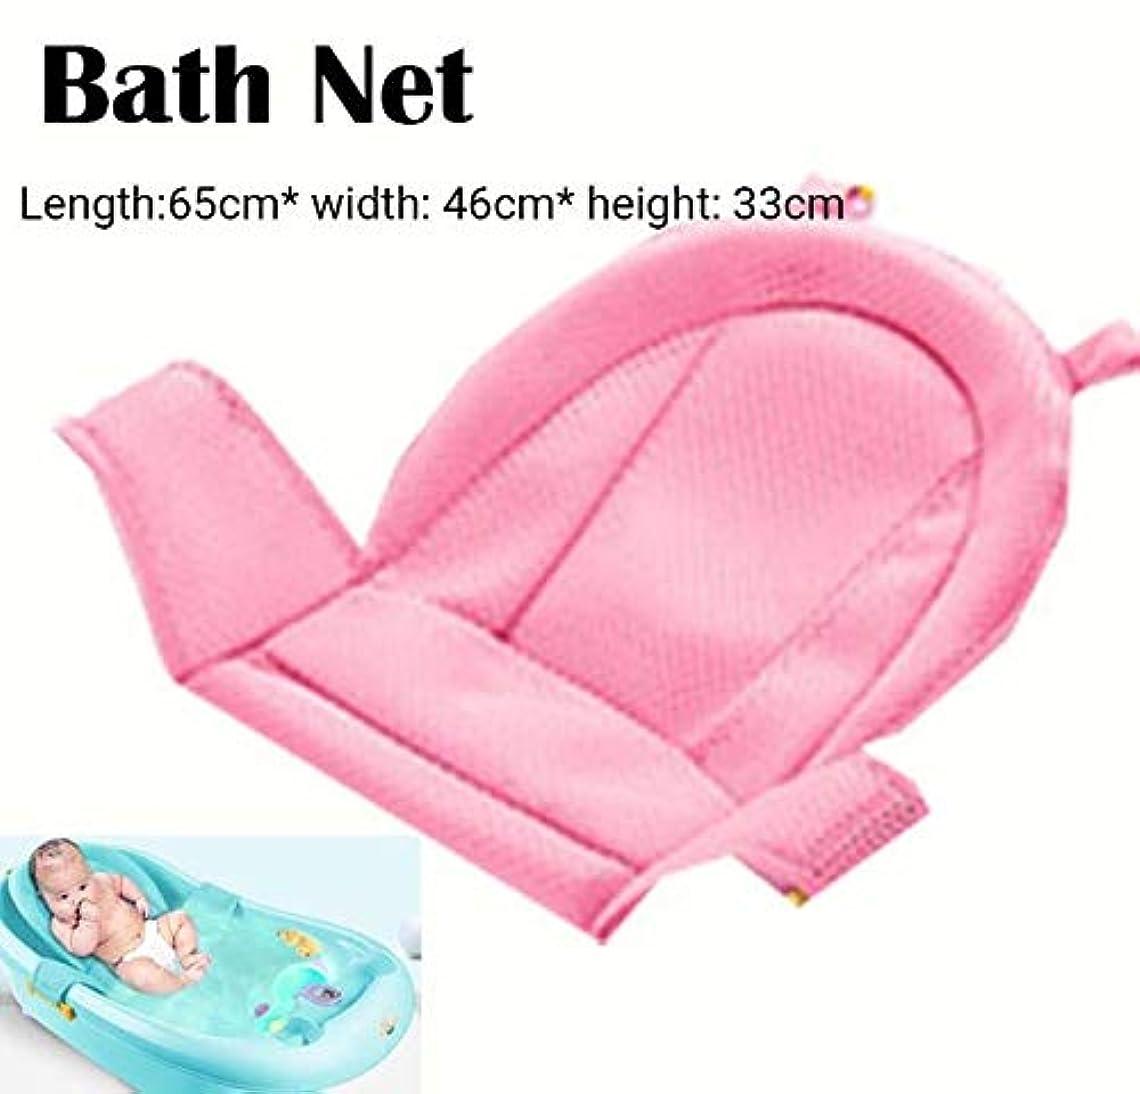 郊外劇場十分ではないSMART 漫画ポータブル赤ちゃんノンスリップバスタブシャワー浴槽マット新生児安全セキュリティバスエアクッション折りたたみソフト枕シート クッション 椅子